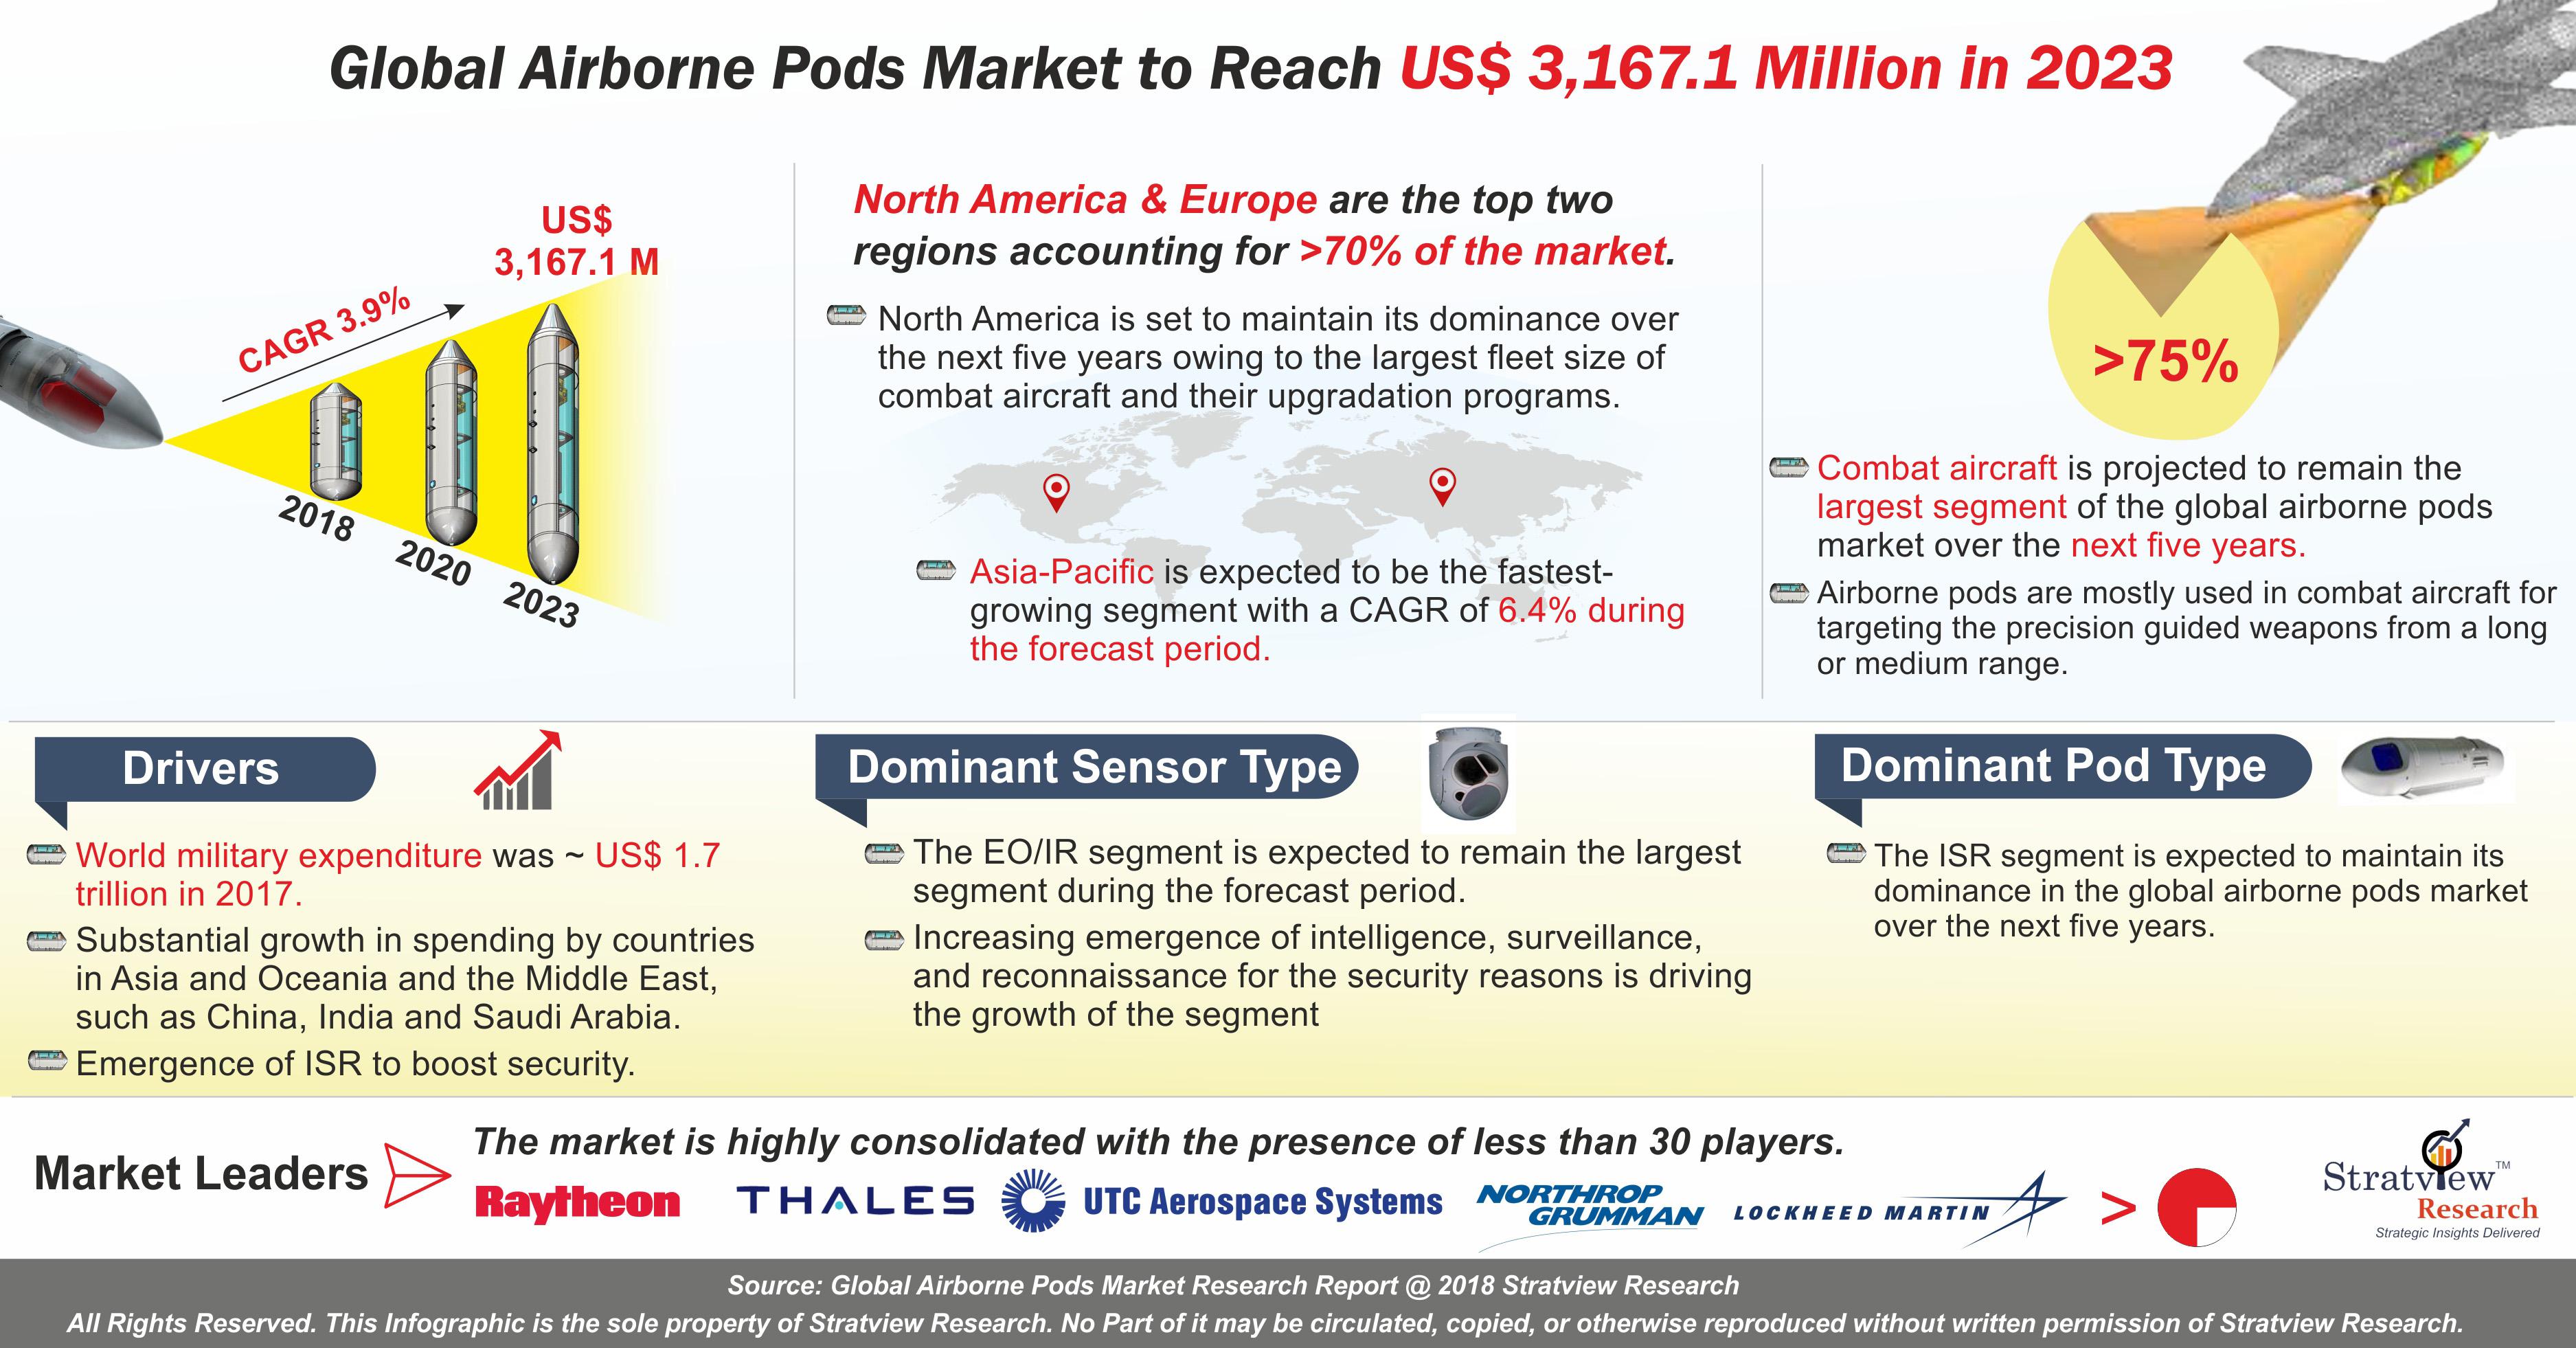 Airborn Pods Market